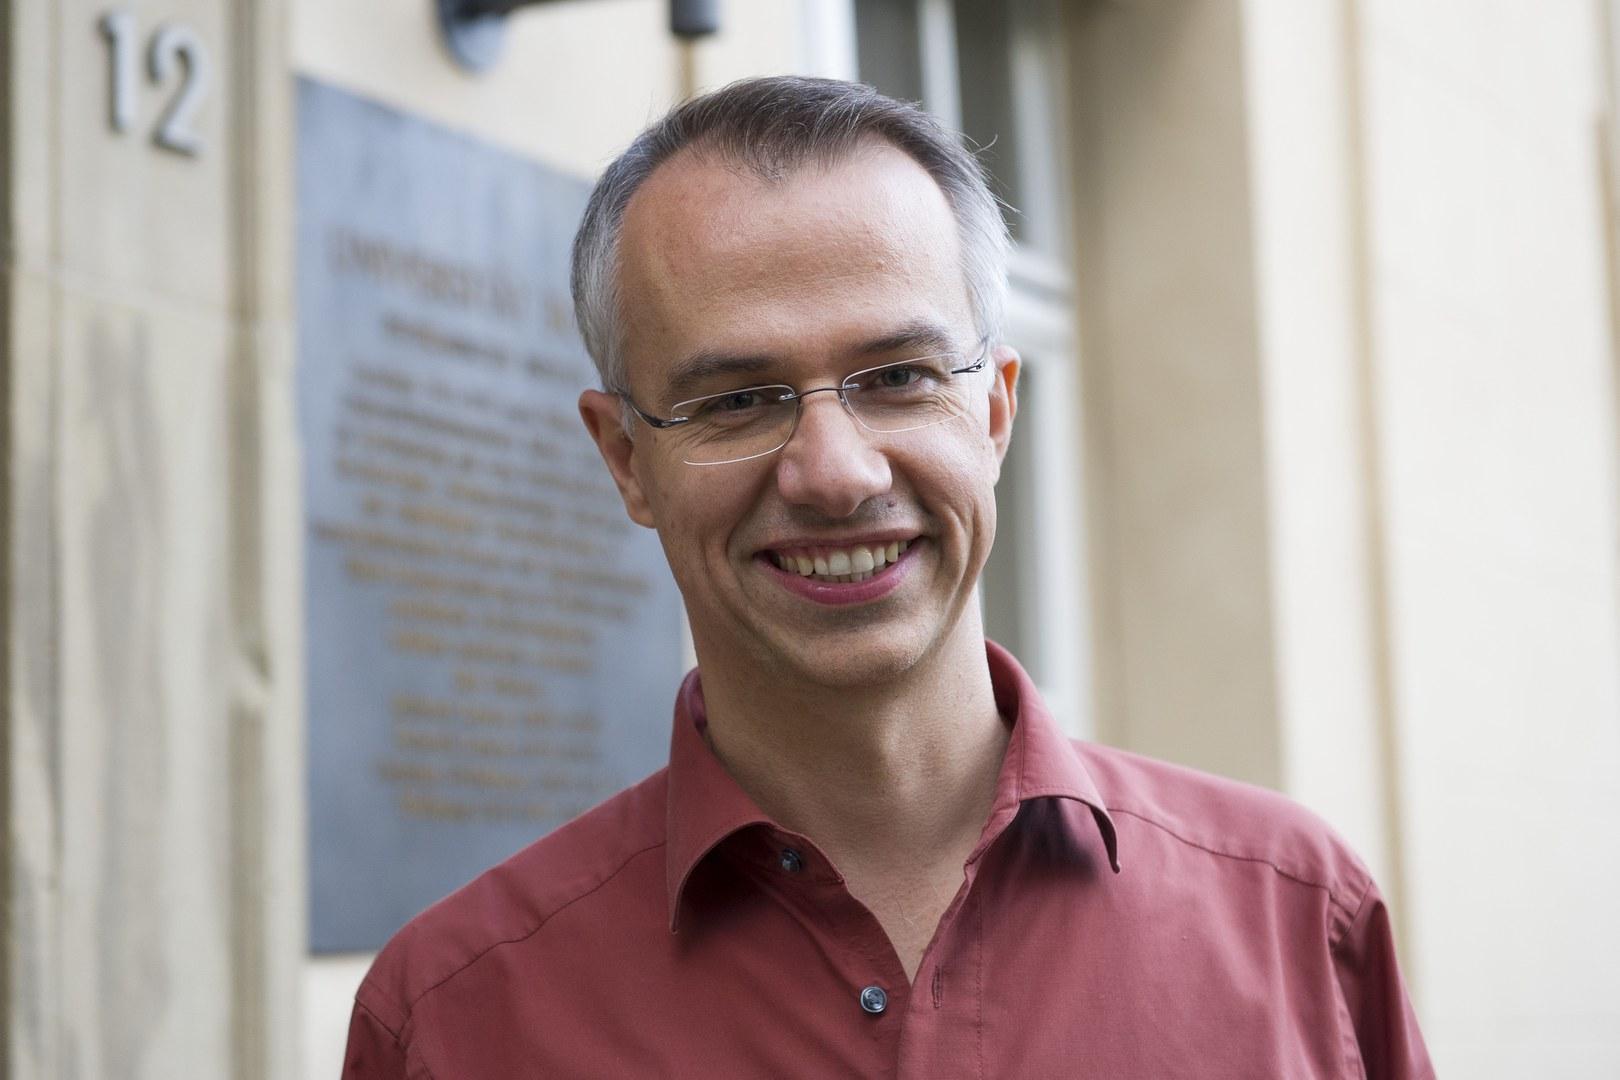 Dr. Markus Cristinziani